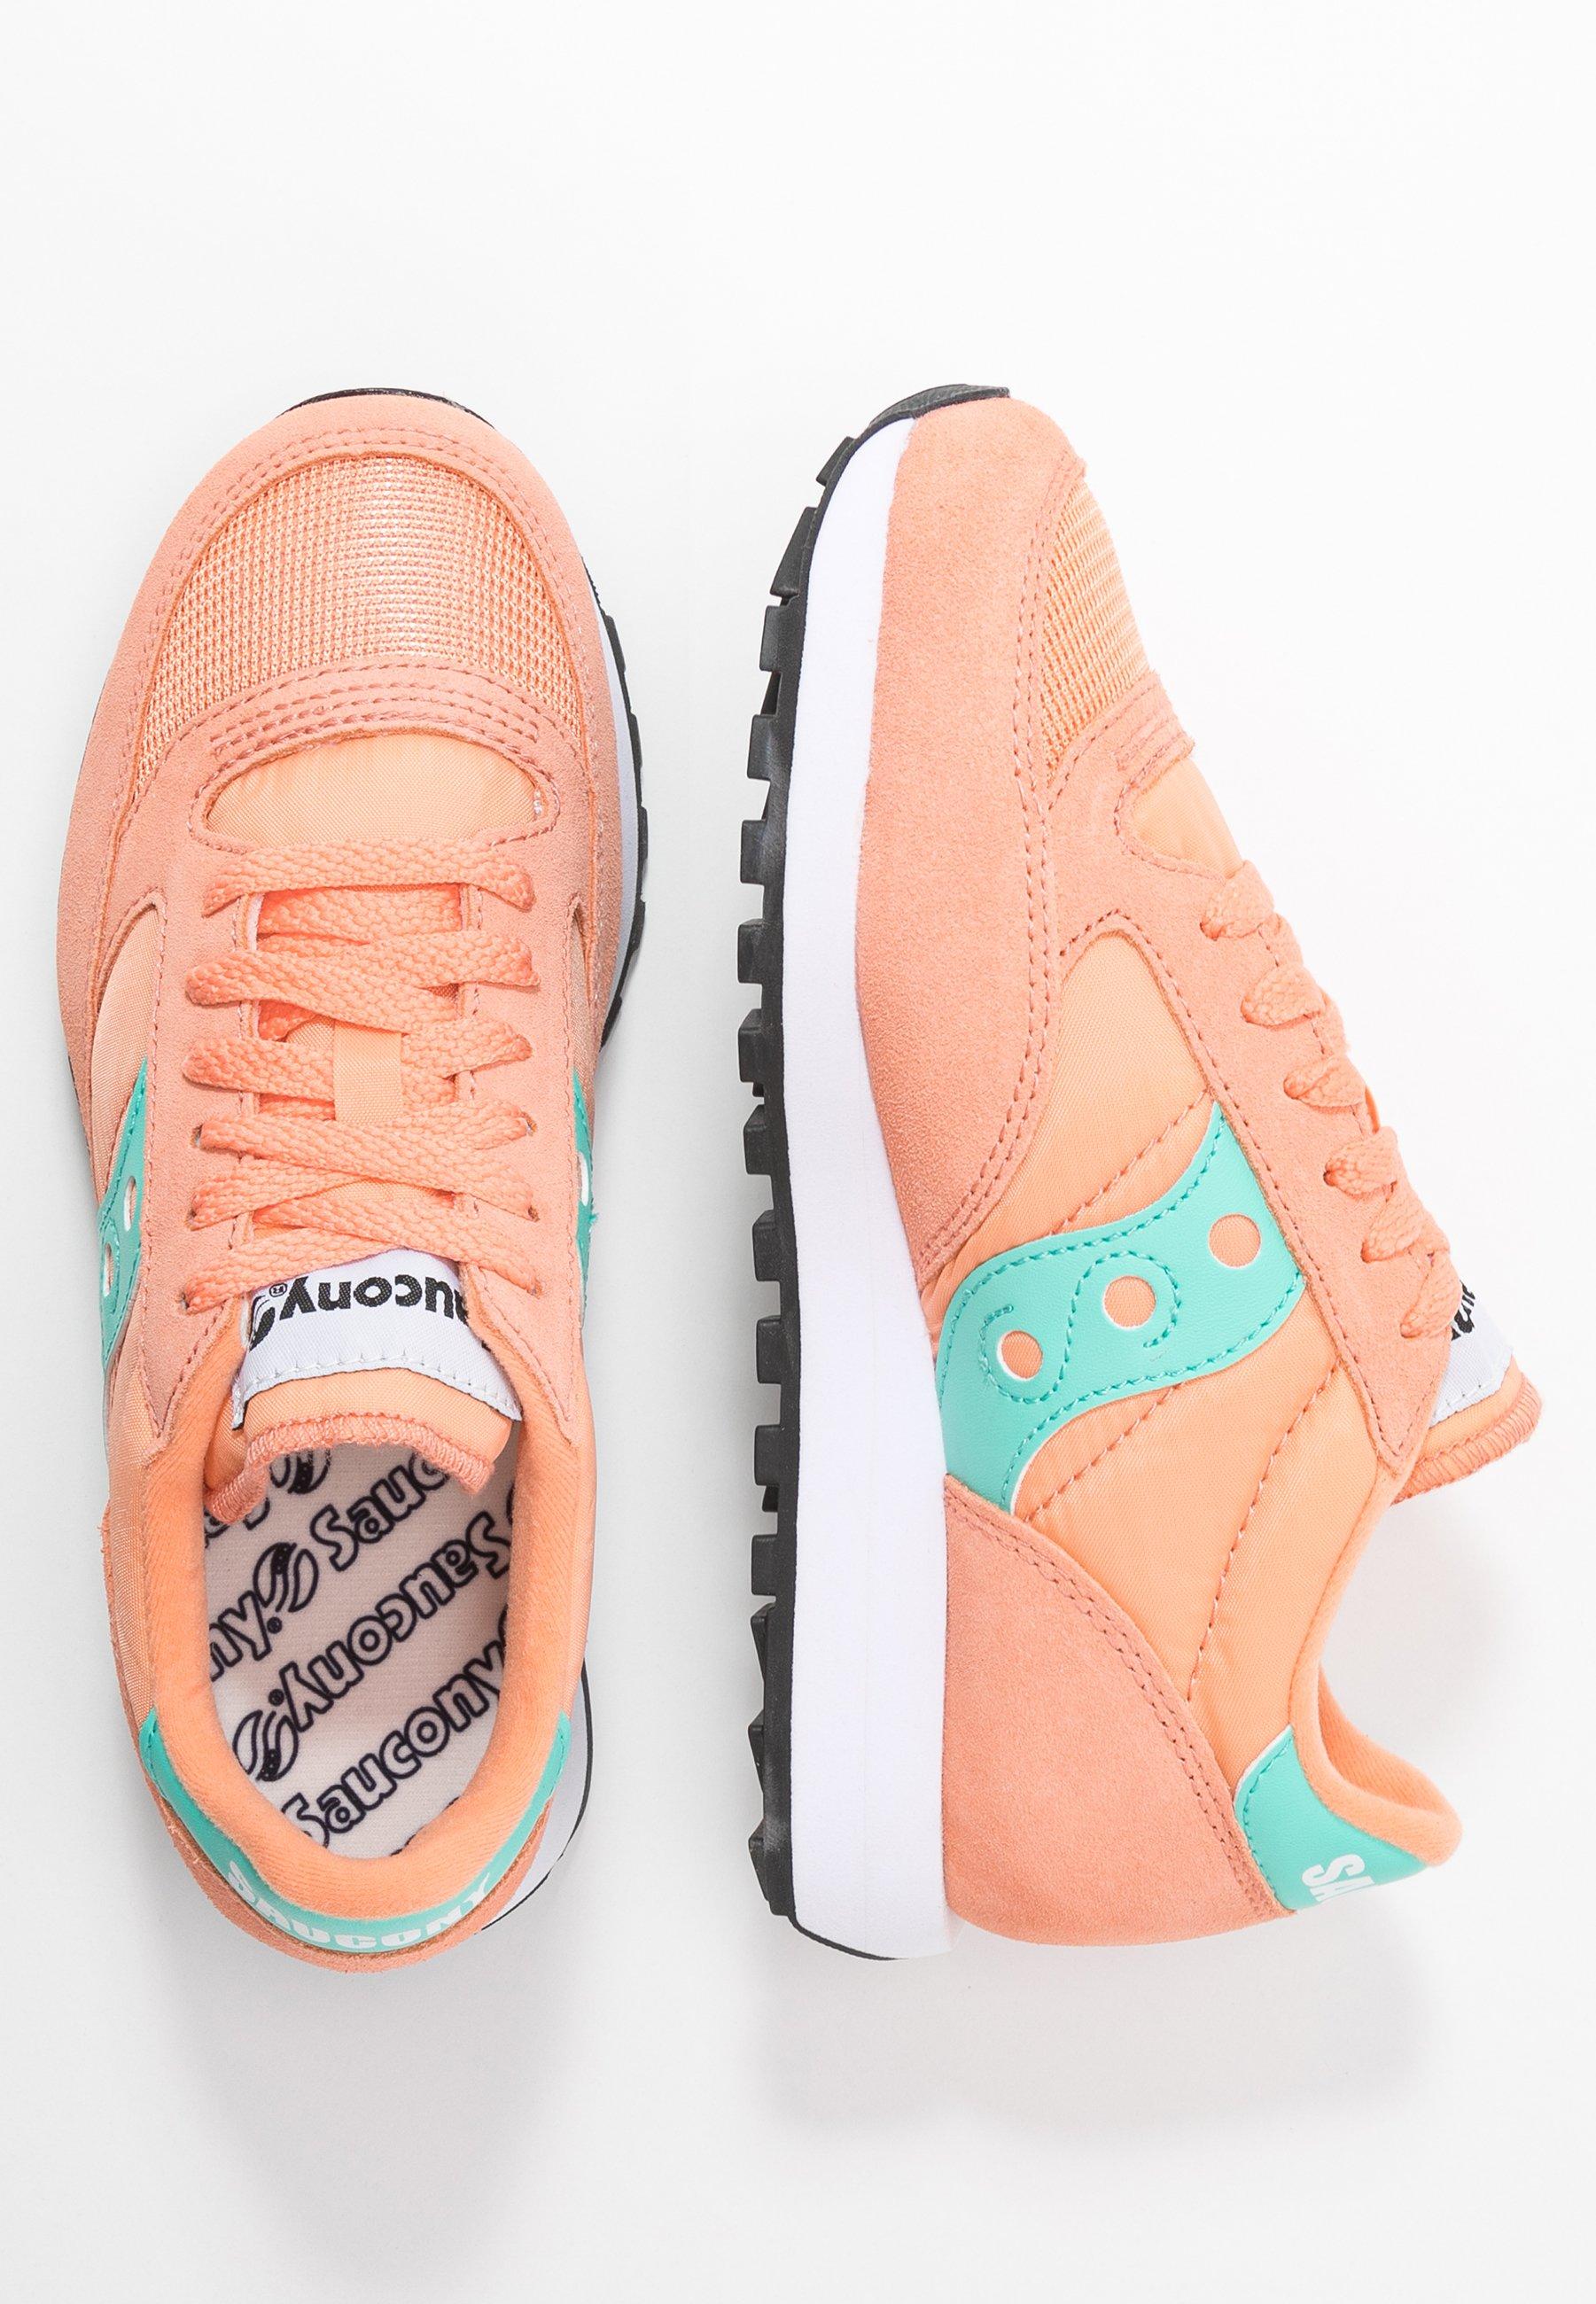 JAZZ VINTAGE Sneakers melonflorida keys